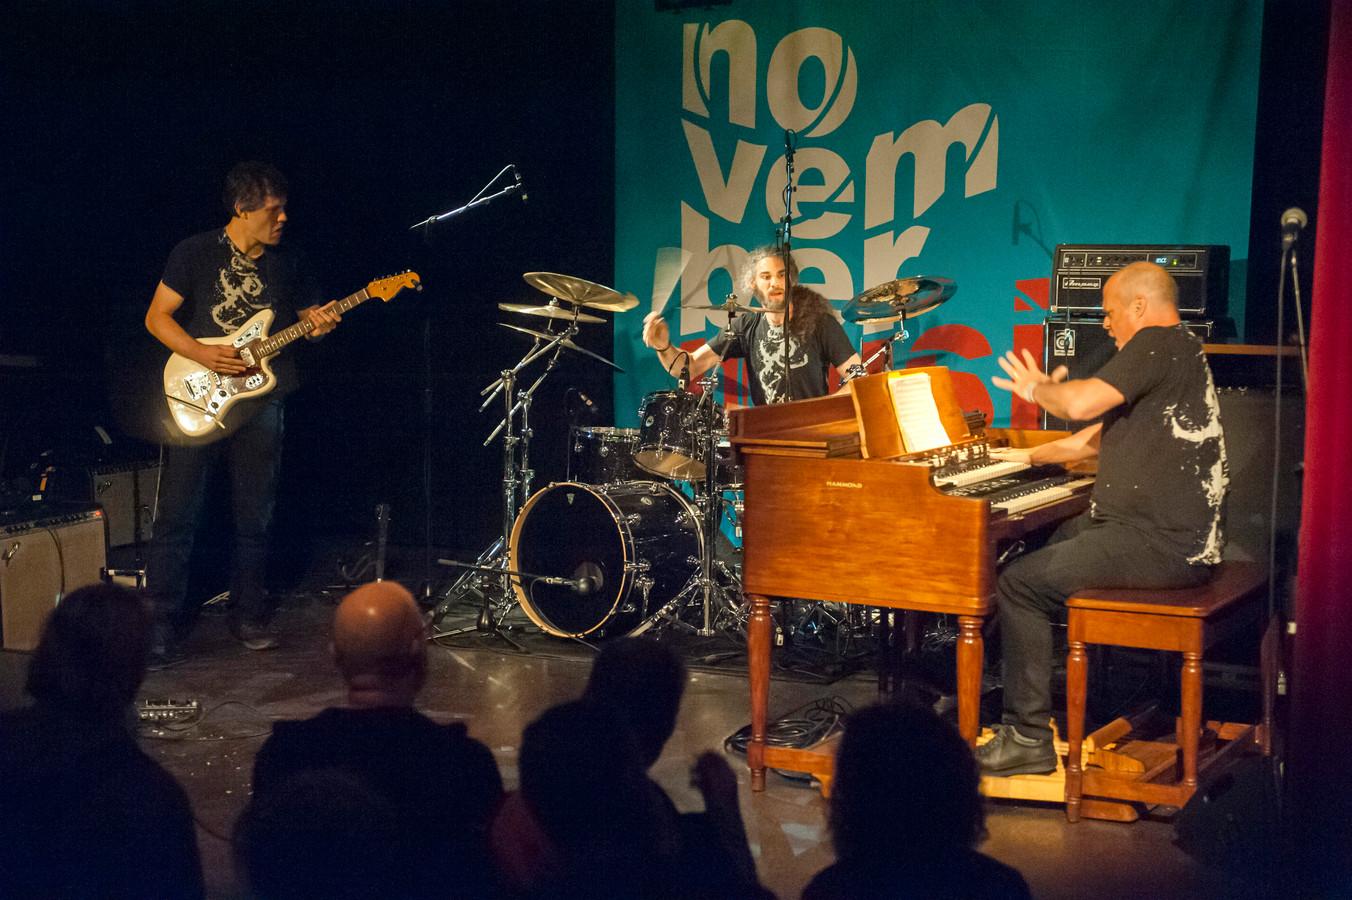 Similacrum speelde in W2 poppodium stevige orgeljazz met metal-invloeden: Matt Holleberg op gitaar, Kenny Grohowski op drums en Martin Medeski op hammondorgel.